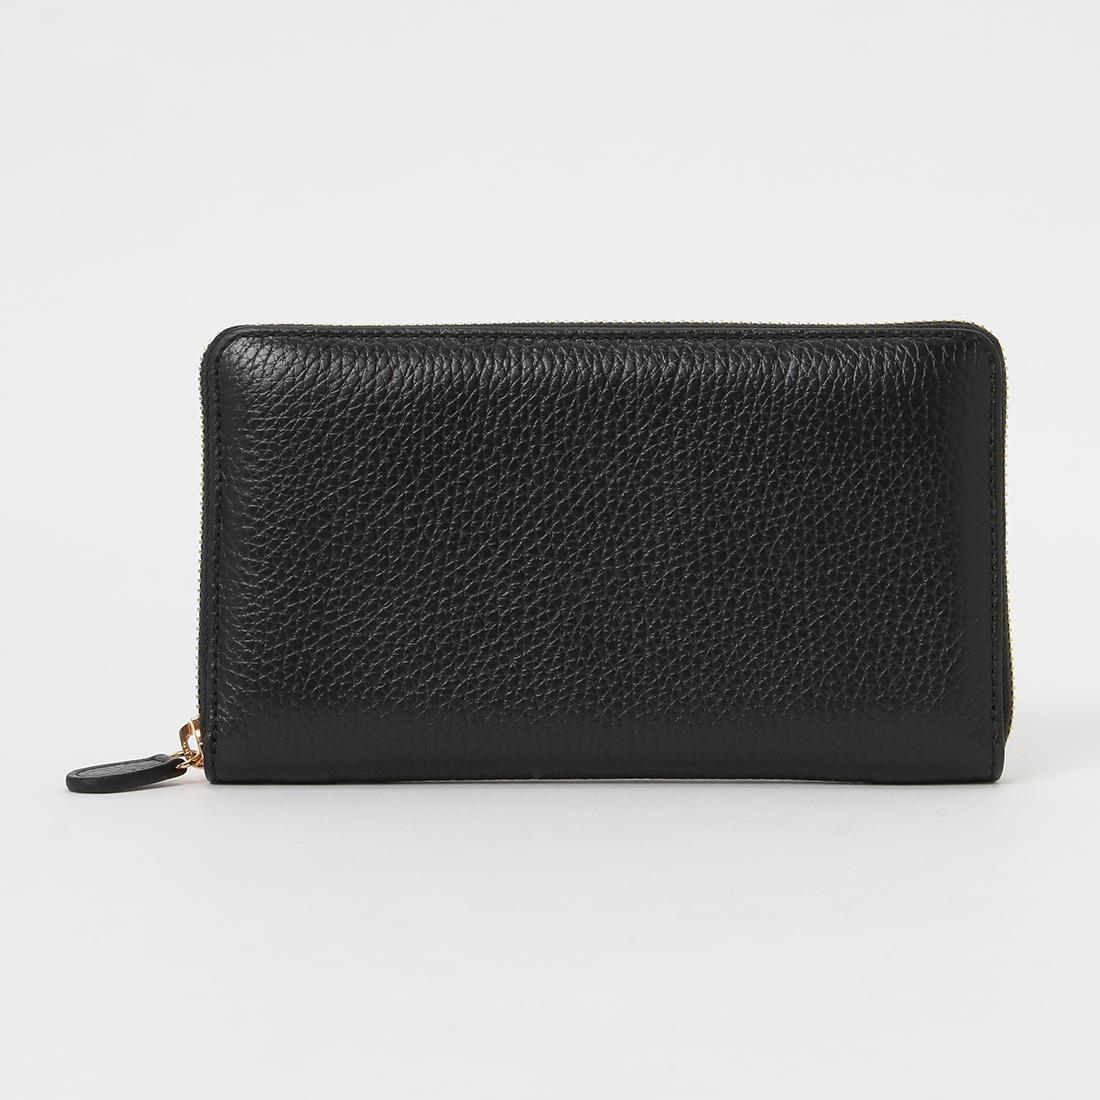 2016_mens-popularity-wallet-20_012